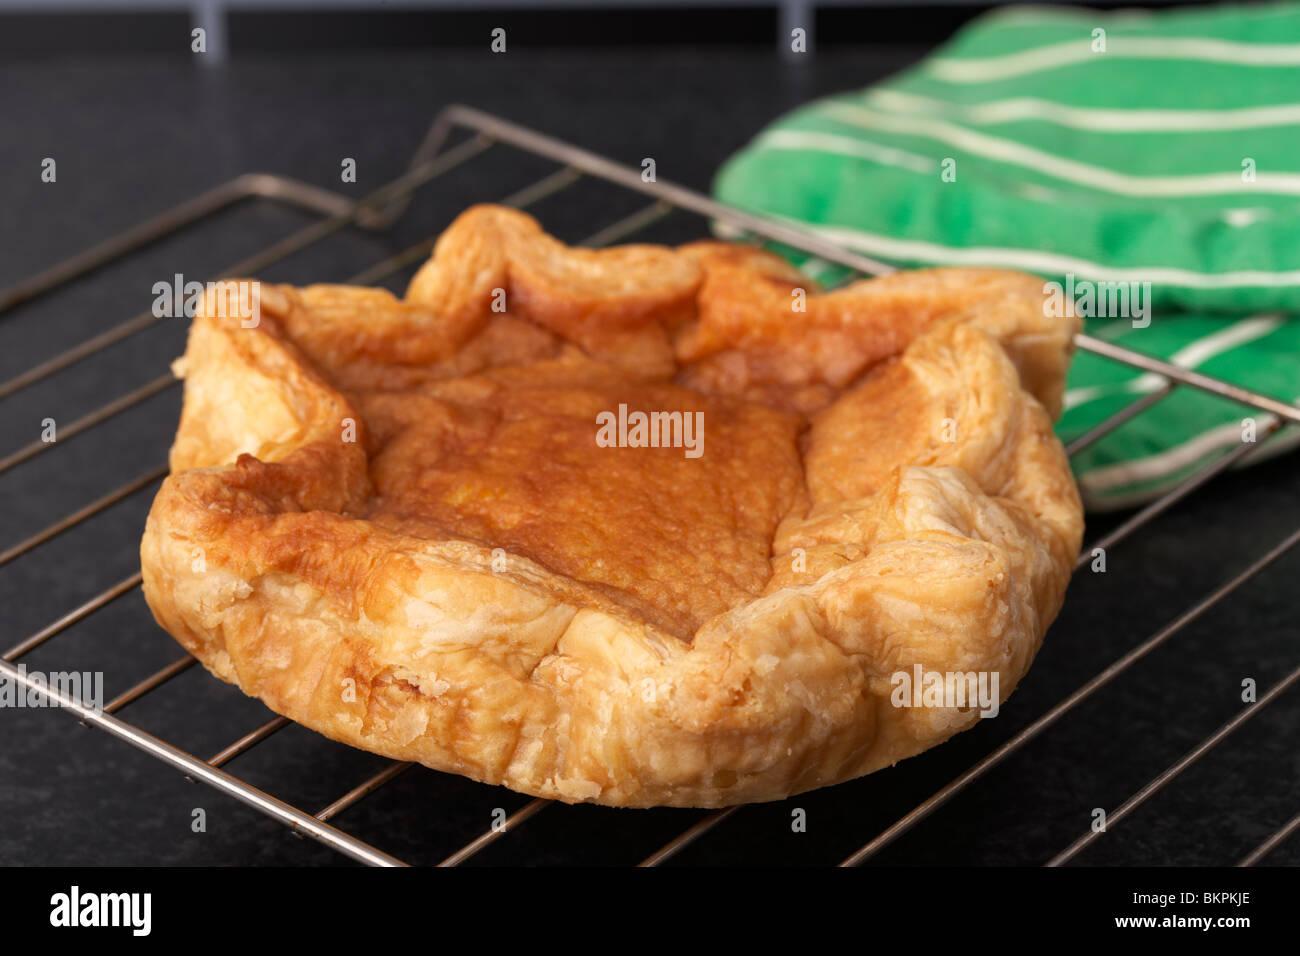 Originale di Bakewell pudding su una rastrelliera in una cucina dal Peak District Derbyshire England Regno Unito Immagini Stock